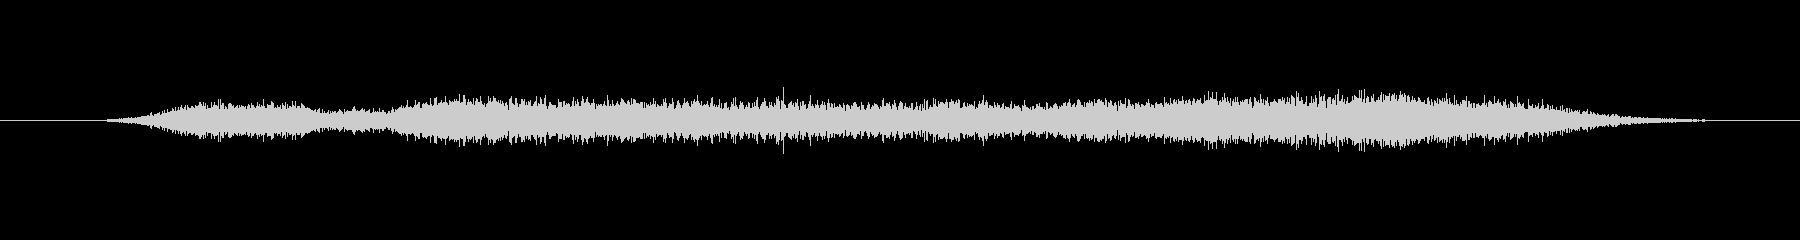 メタル 蓋のスクリーチショート01の未再生の波形